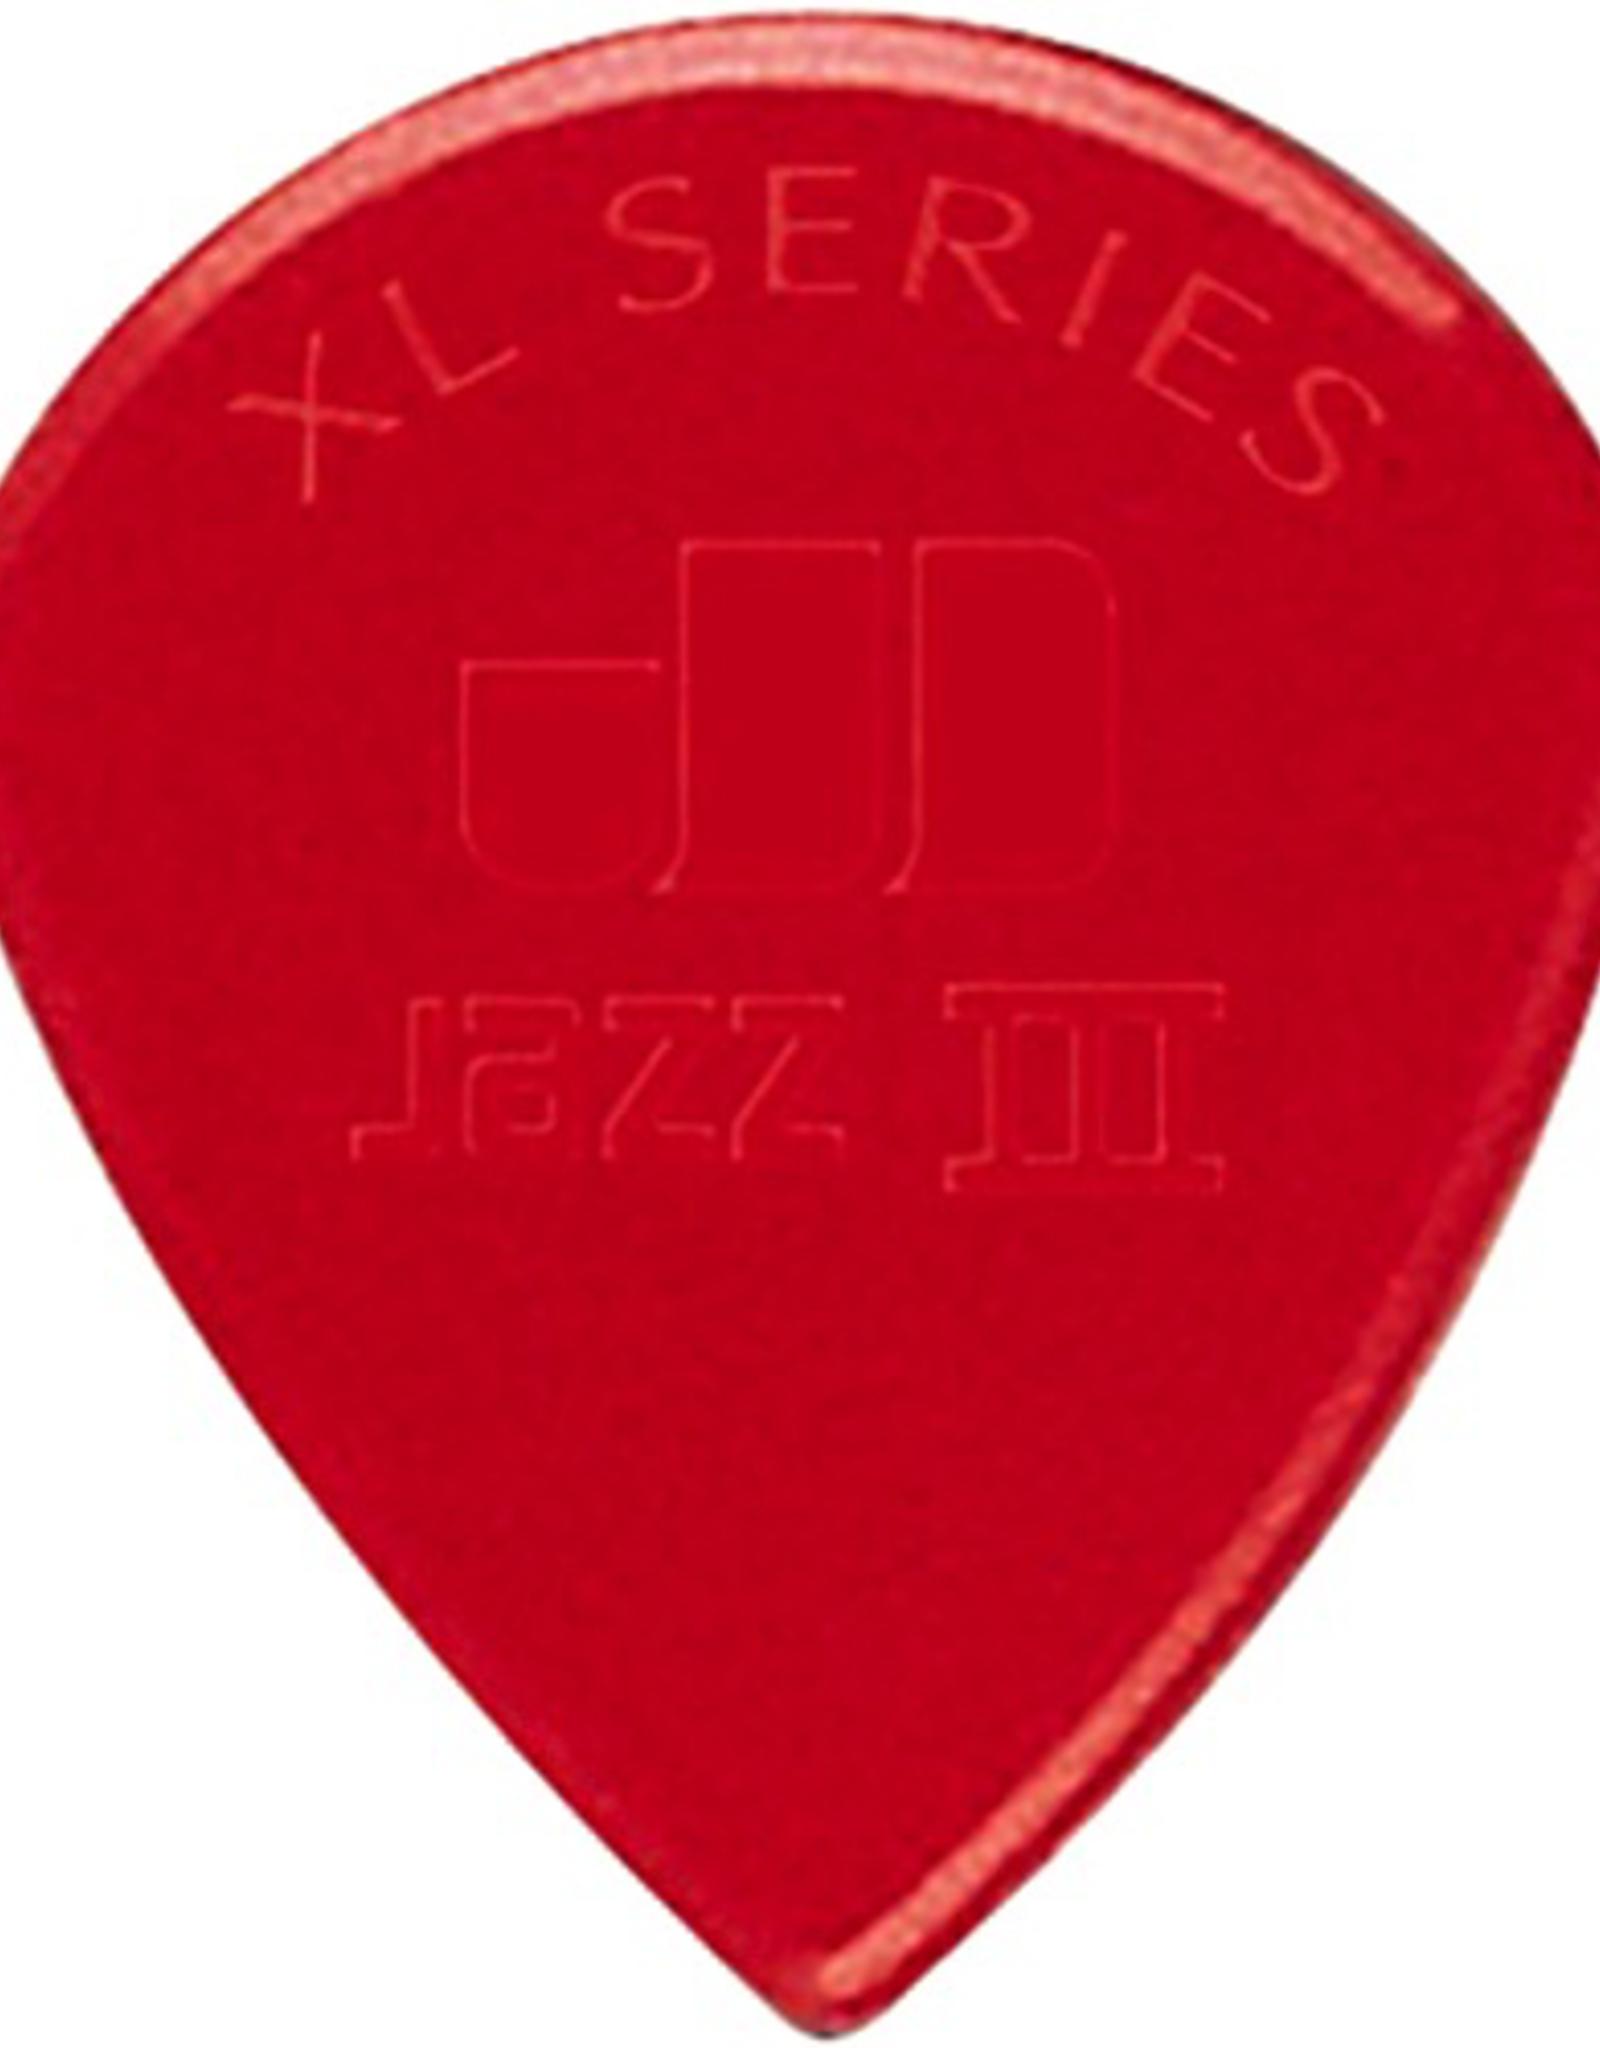 Dunlop Dunlop Nylon Jazz III XL — 6 Pack